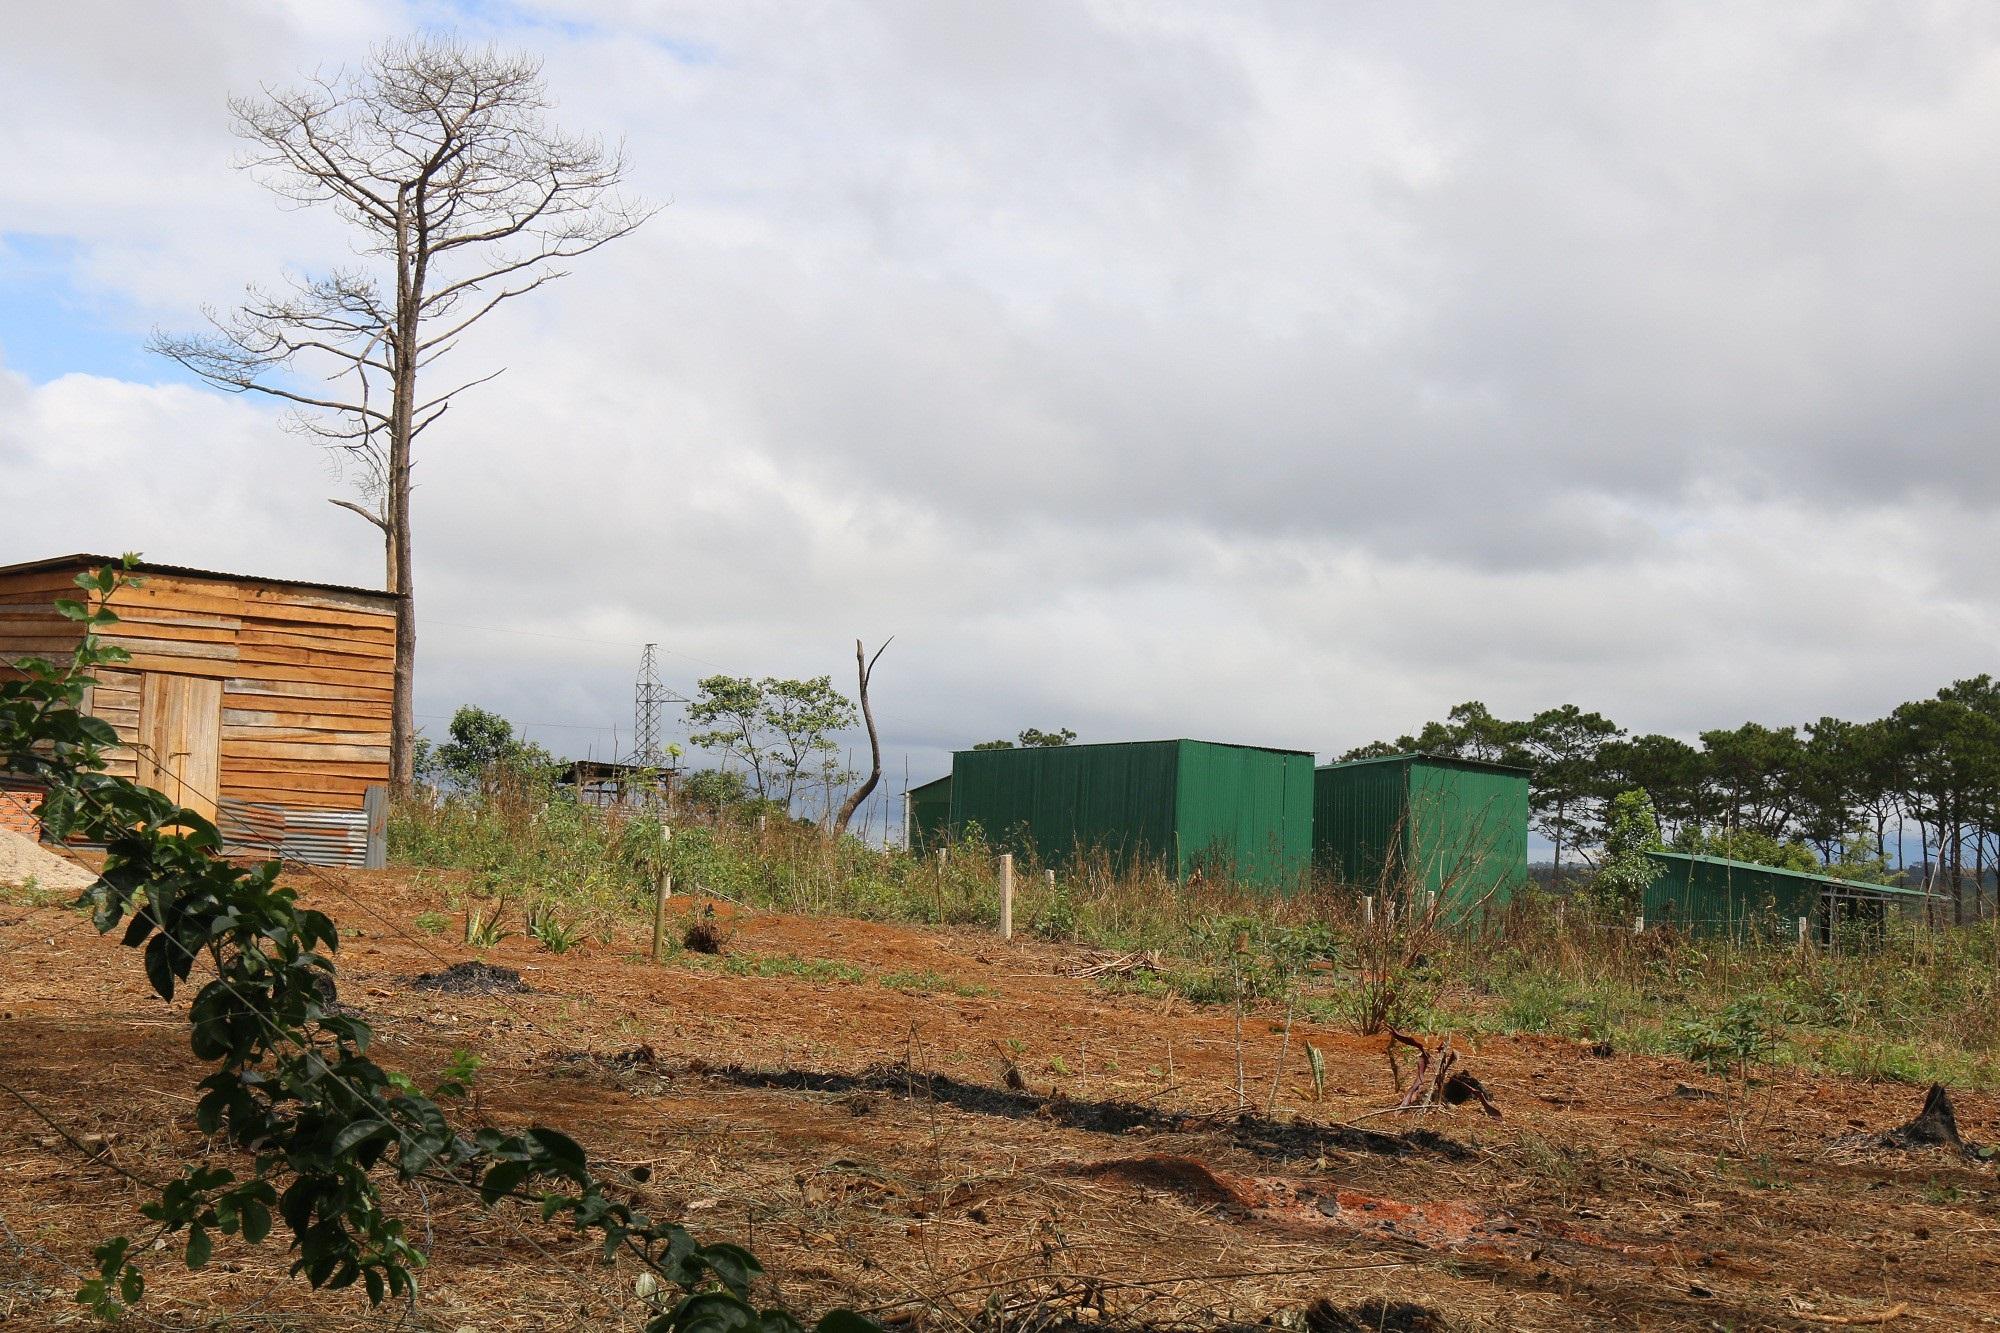 Dự án vừa bị thu hồi, rừng ngay lập tức bị bức tử - Ảnh 4.